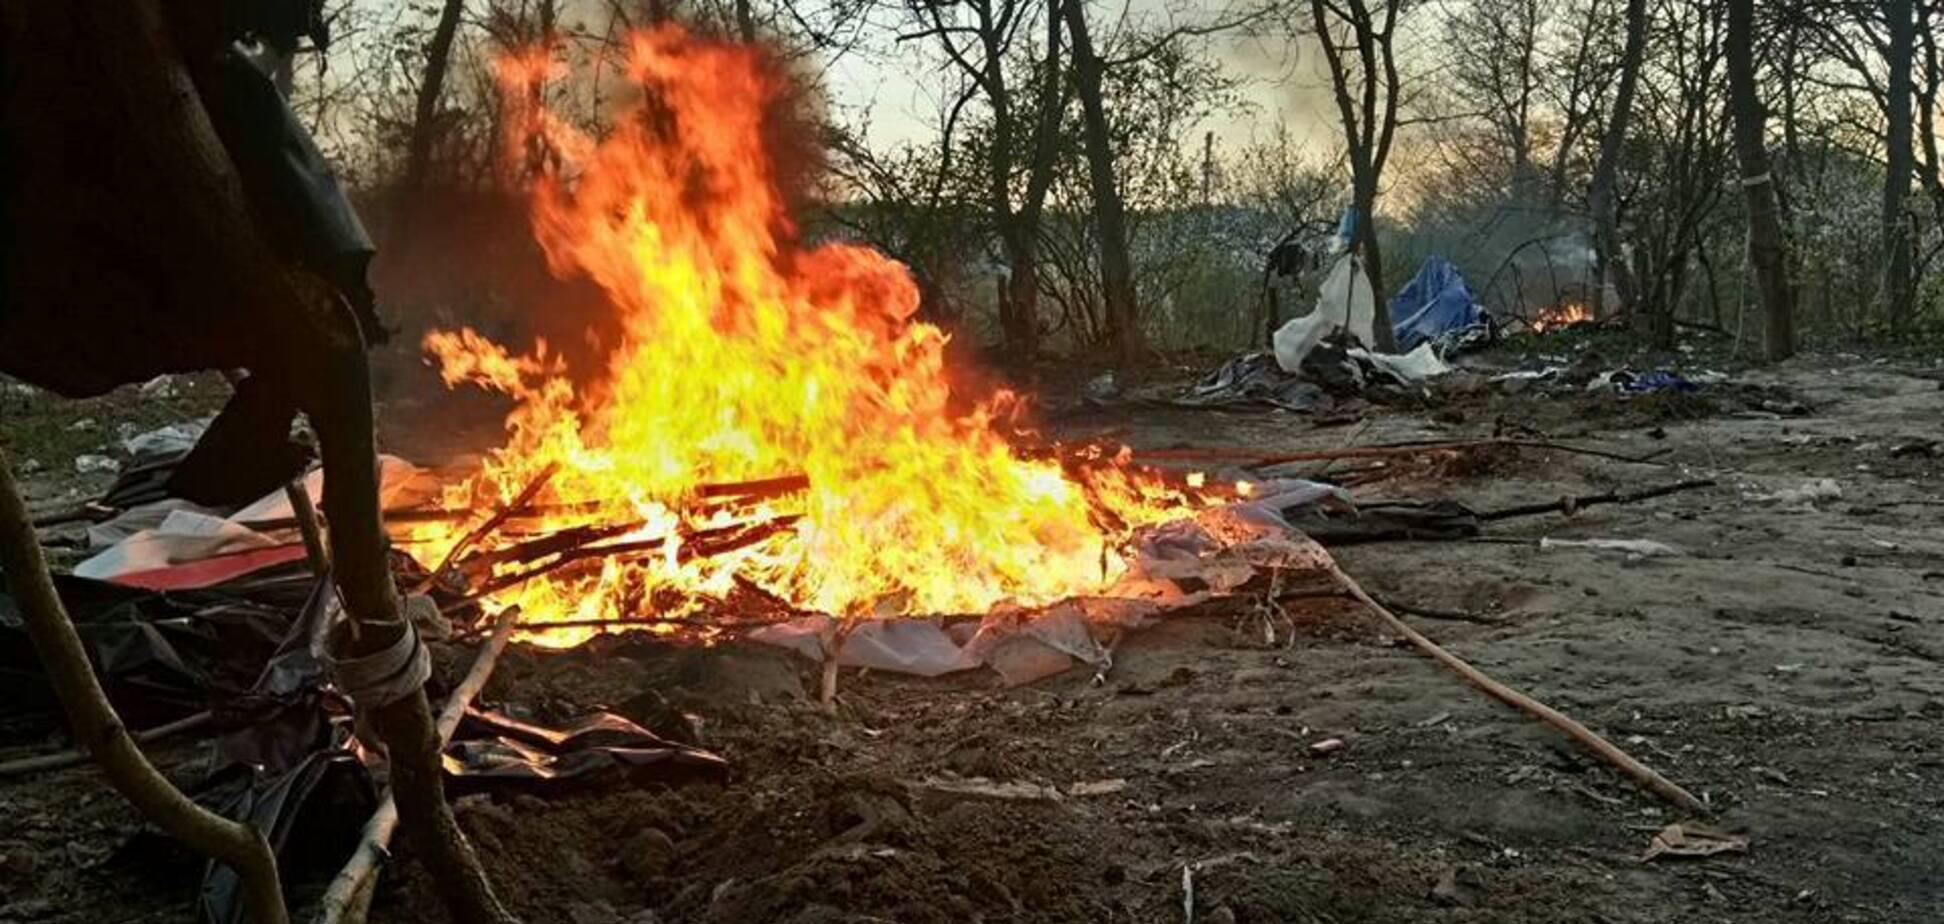 Атака на лагерь ромов в Киеве: появились новые детали